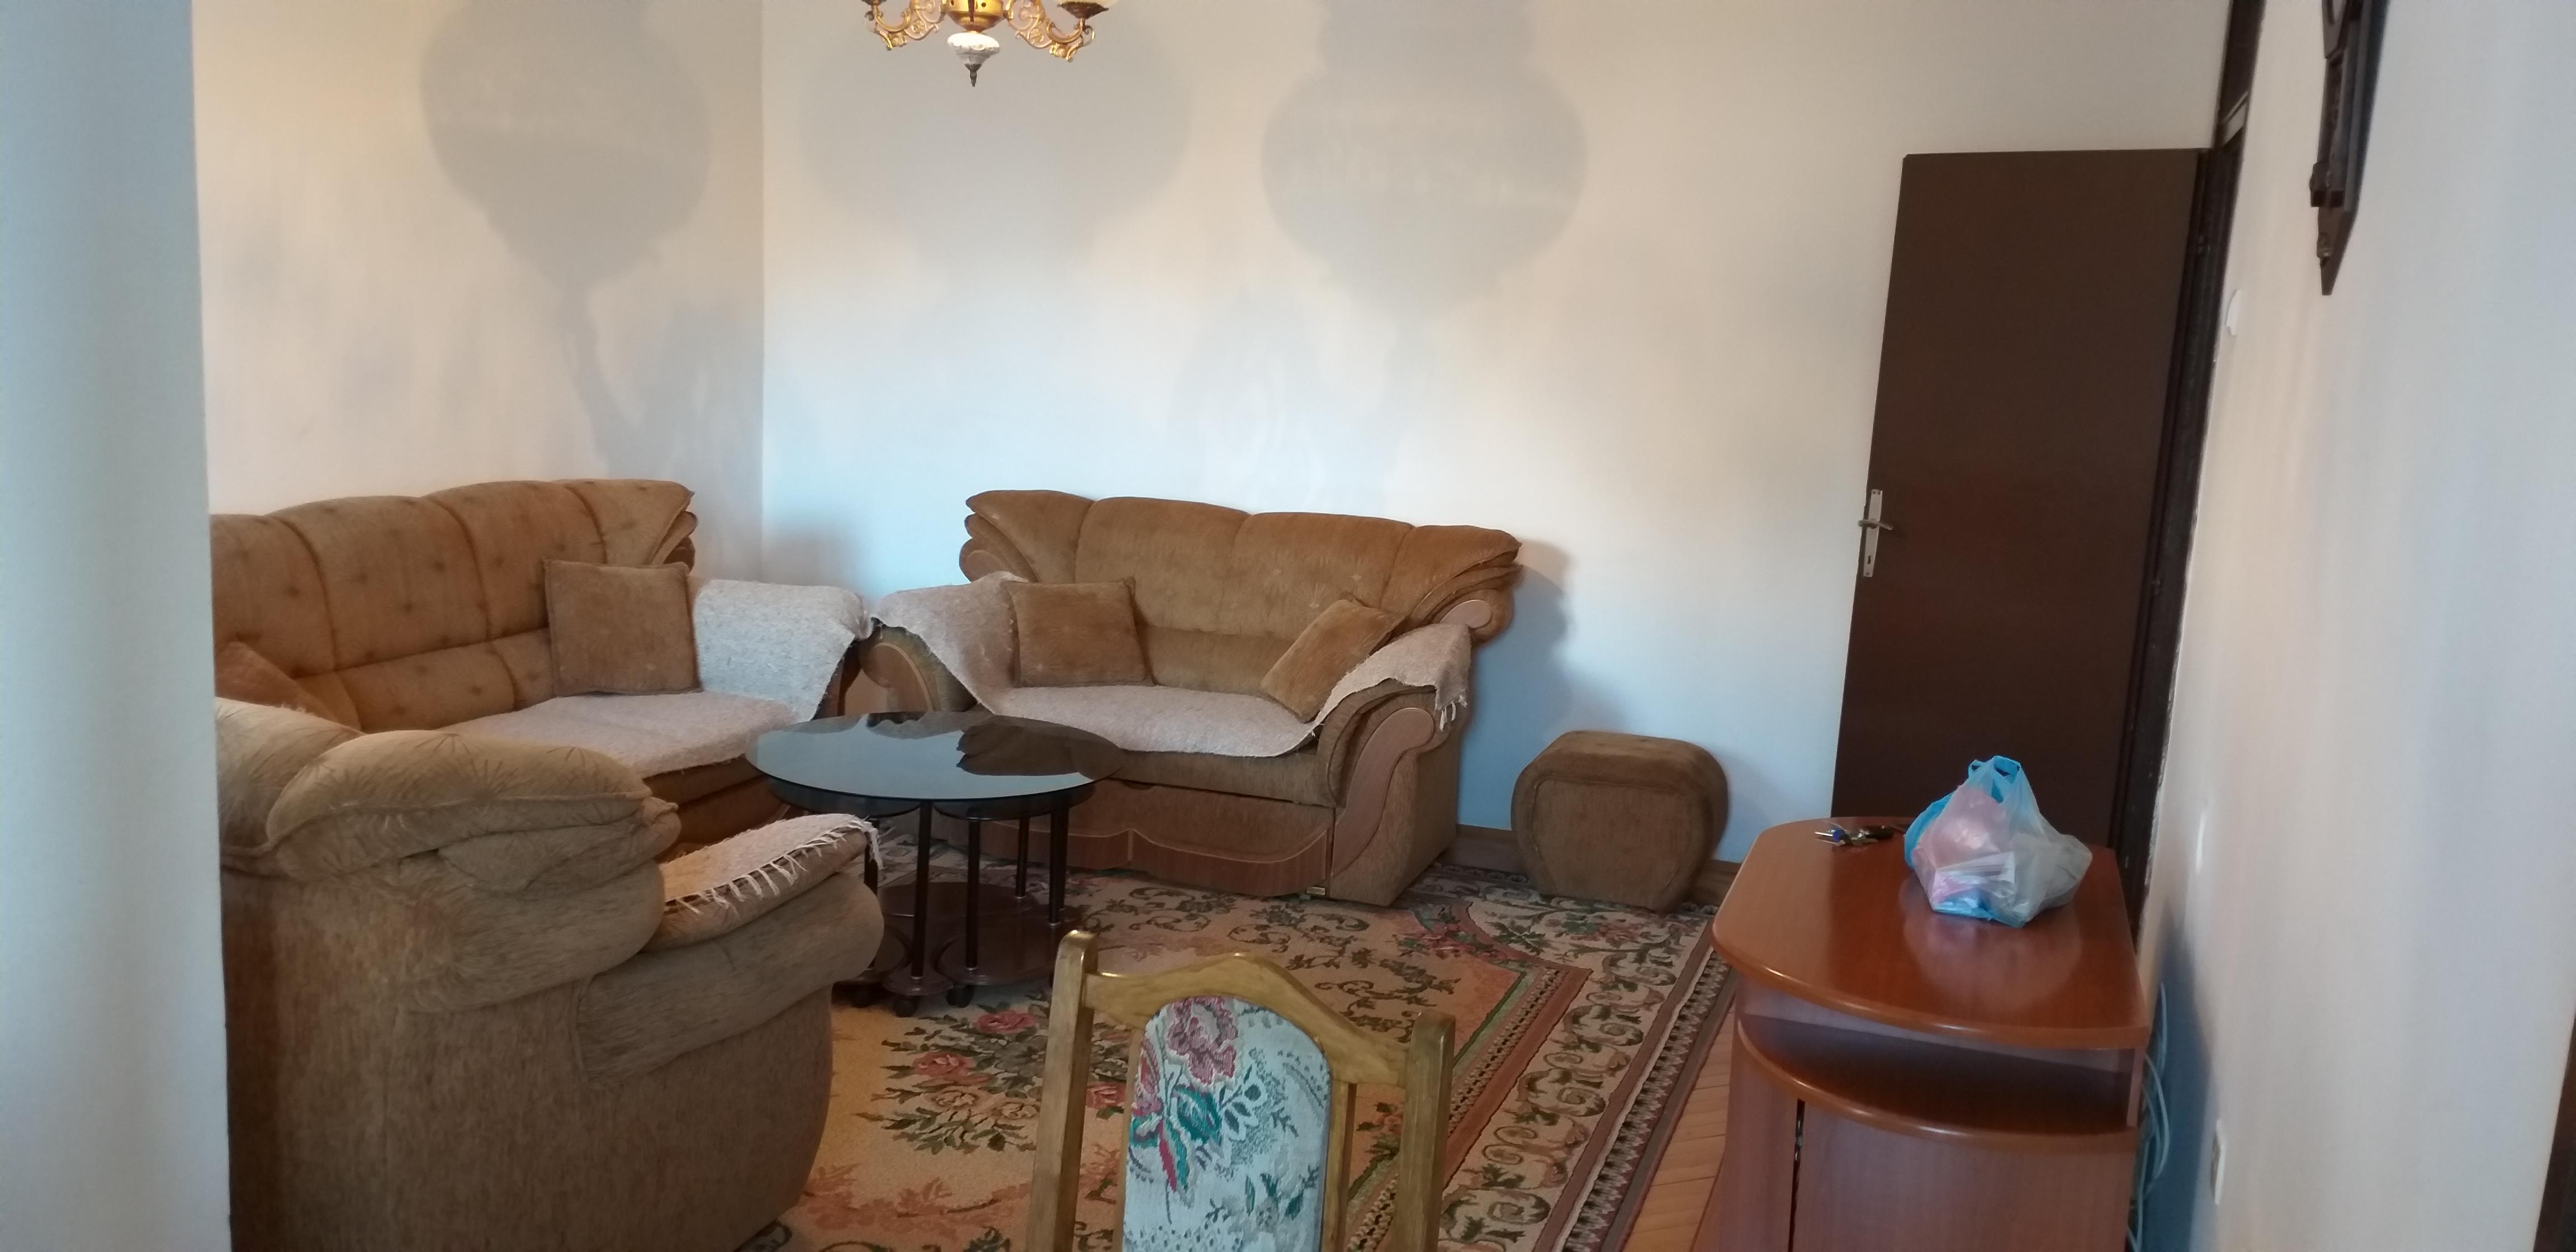 Ipet më qira banesa 3 dhomëshe 80m2 kati 4 në Dardani